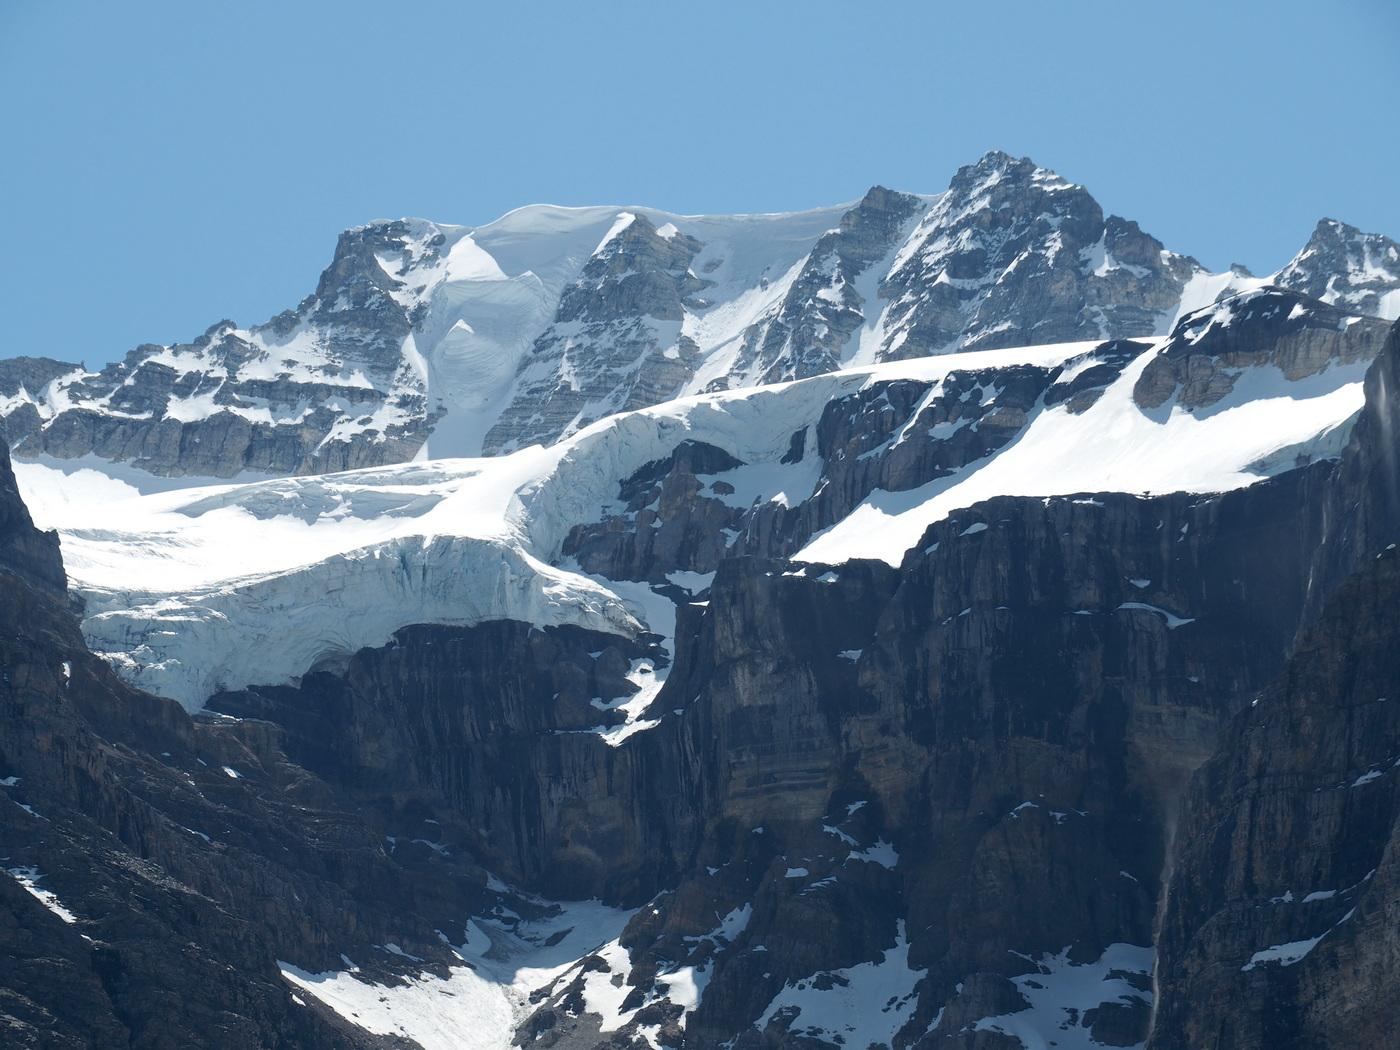 Icefield Parkway - Gletscher am Wegesrand